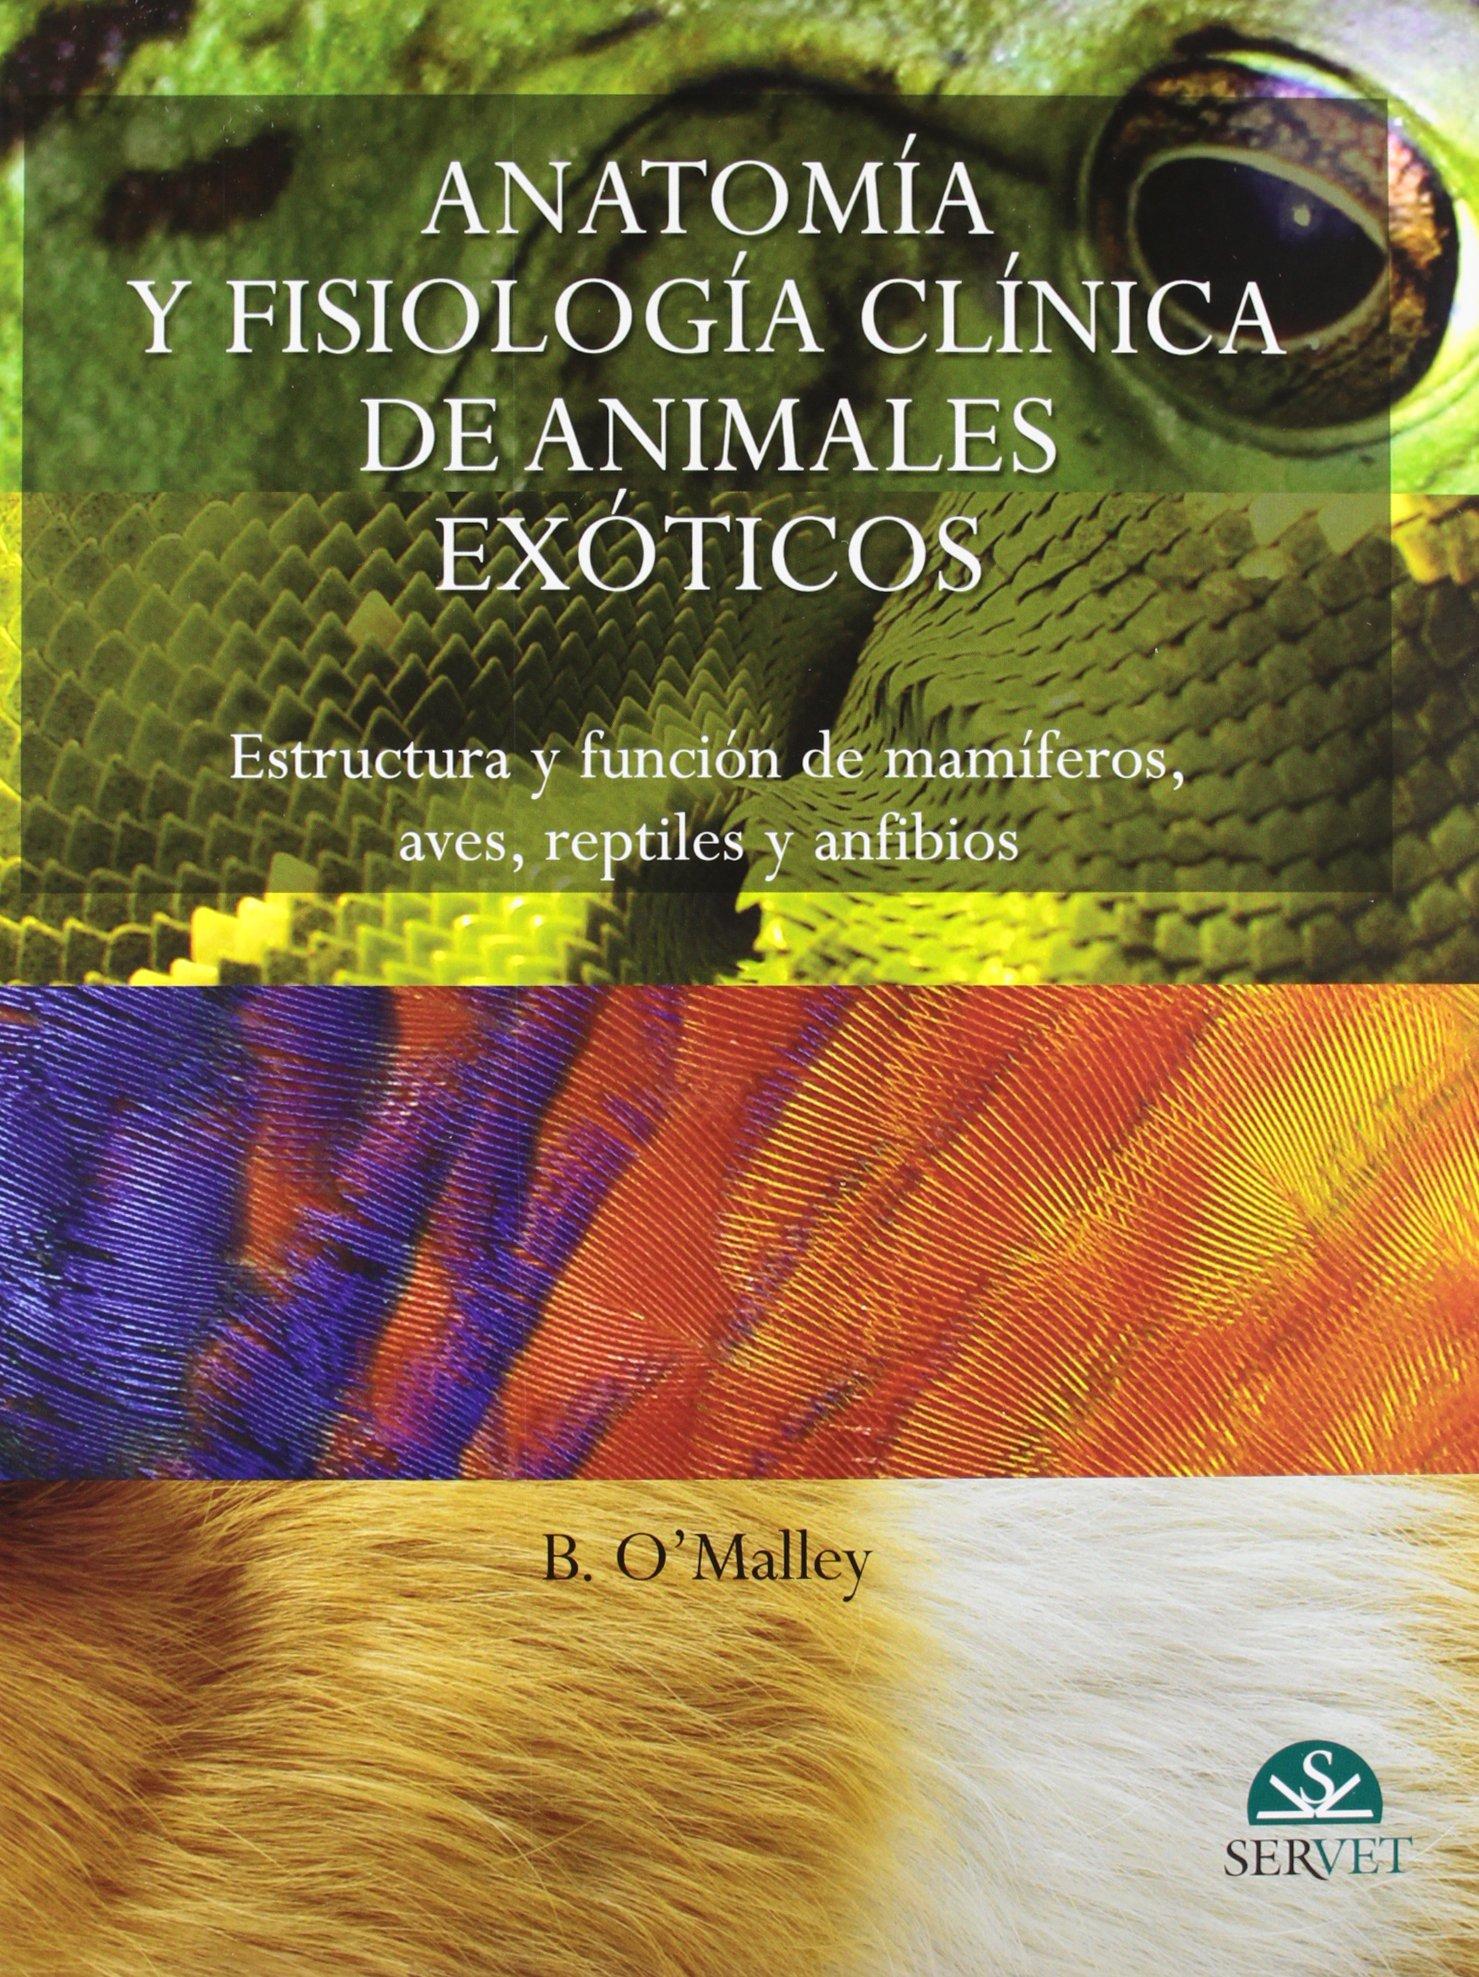 Anatomía y fisiología clínica de animales exóticos: Bairbre O\'Malley ...